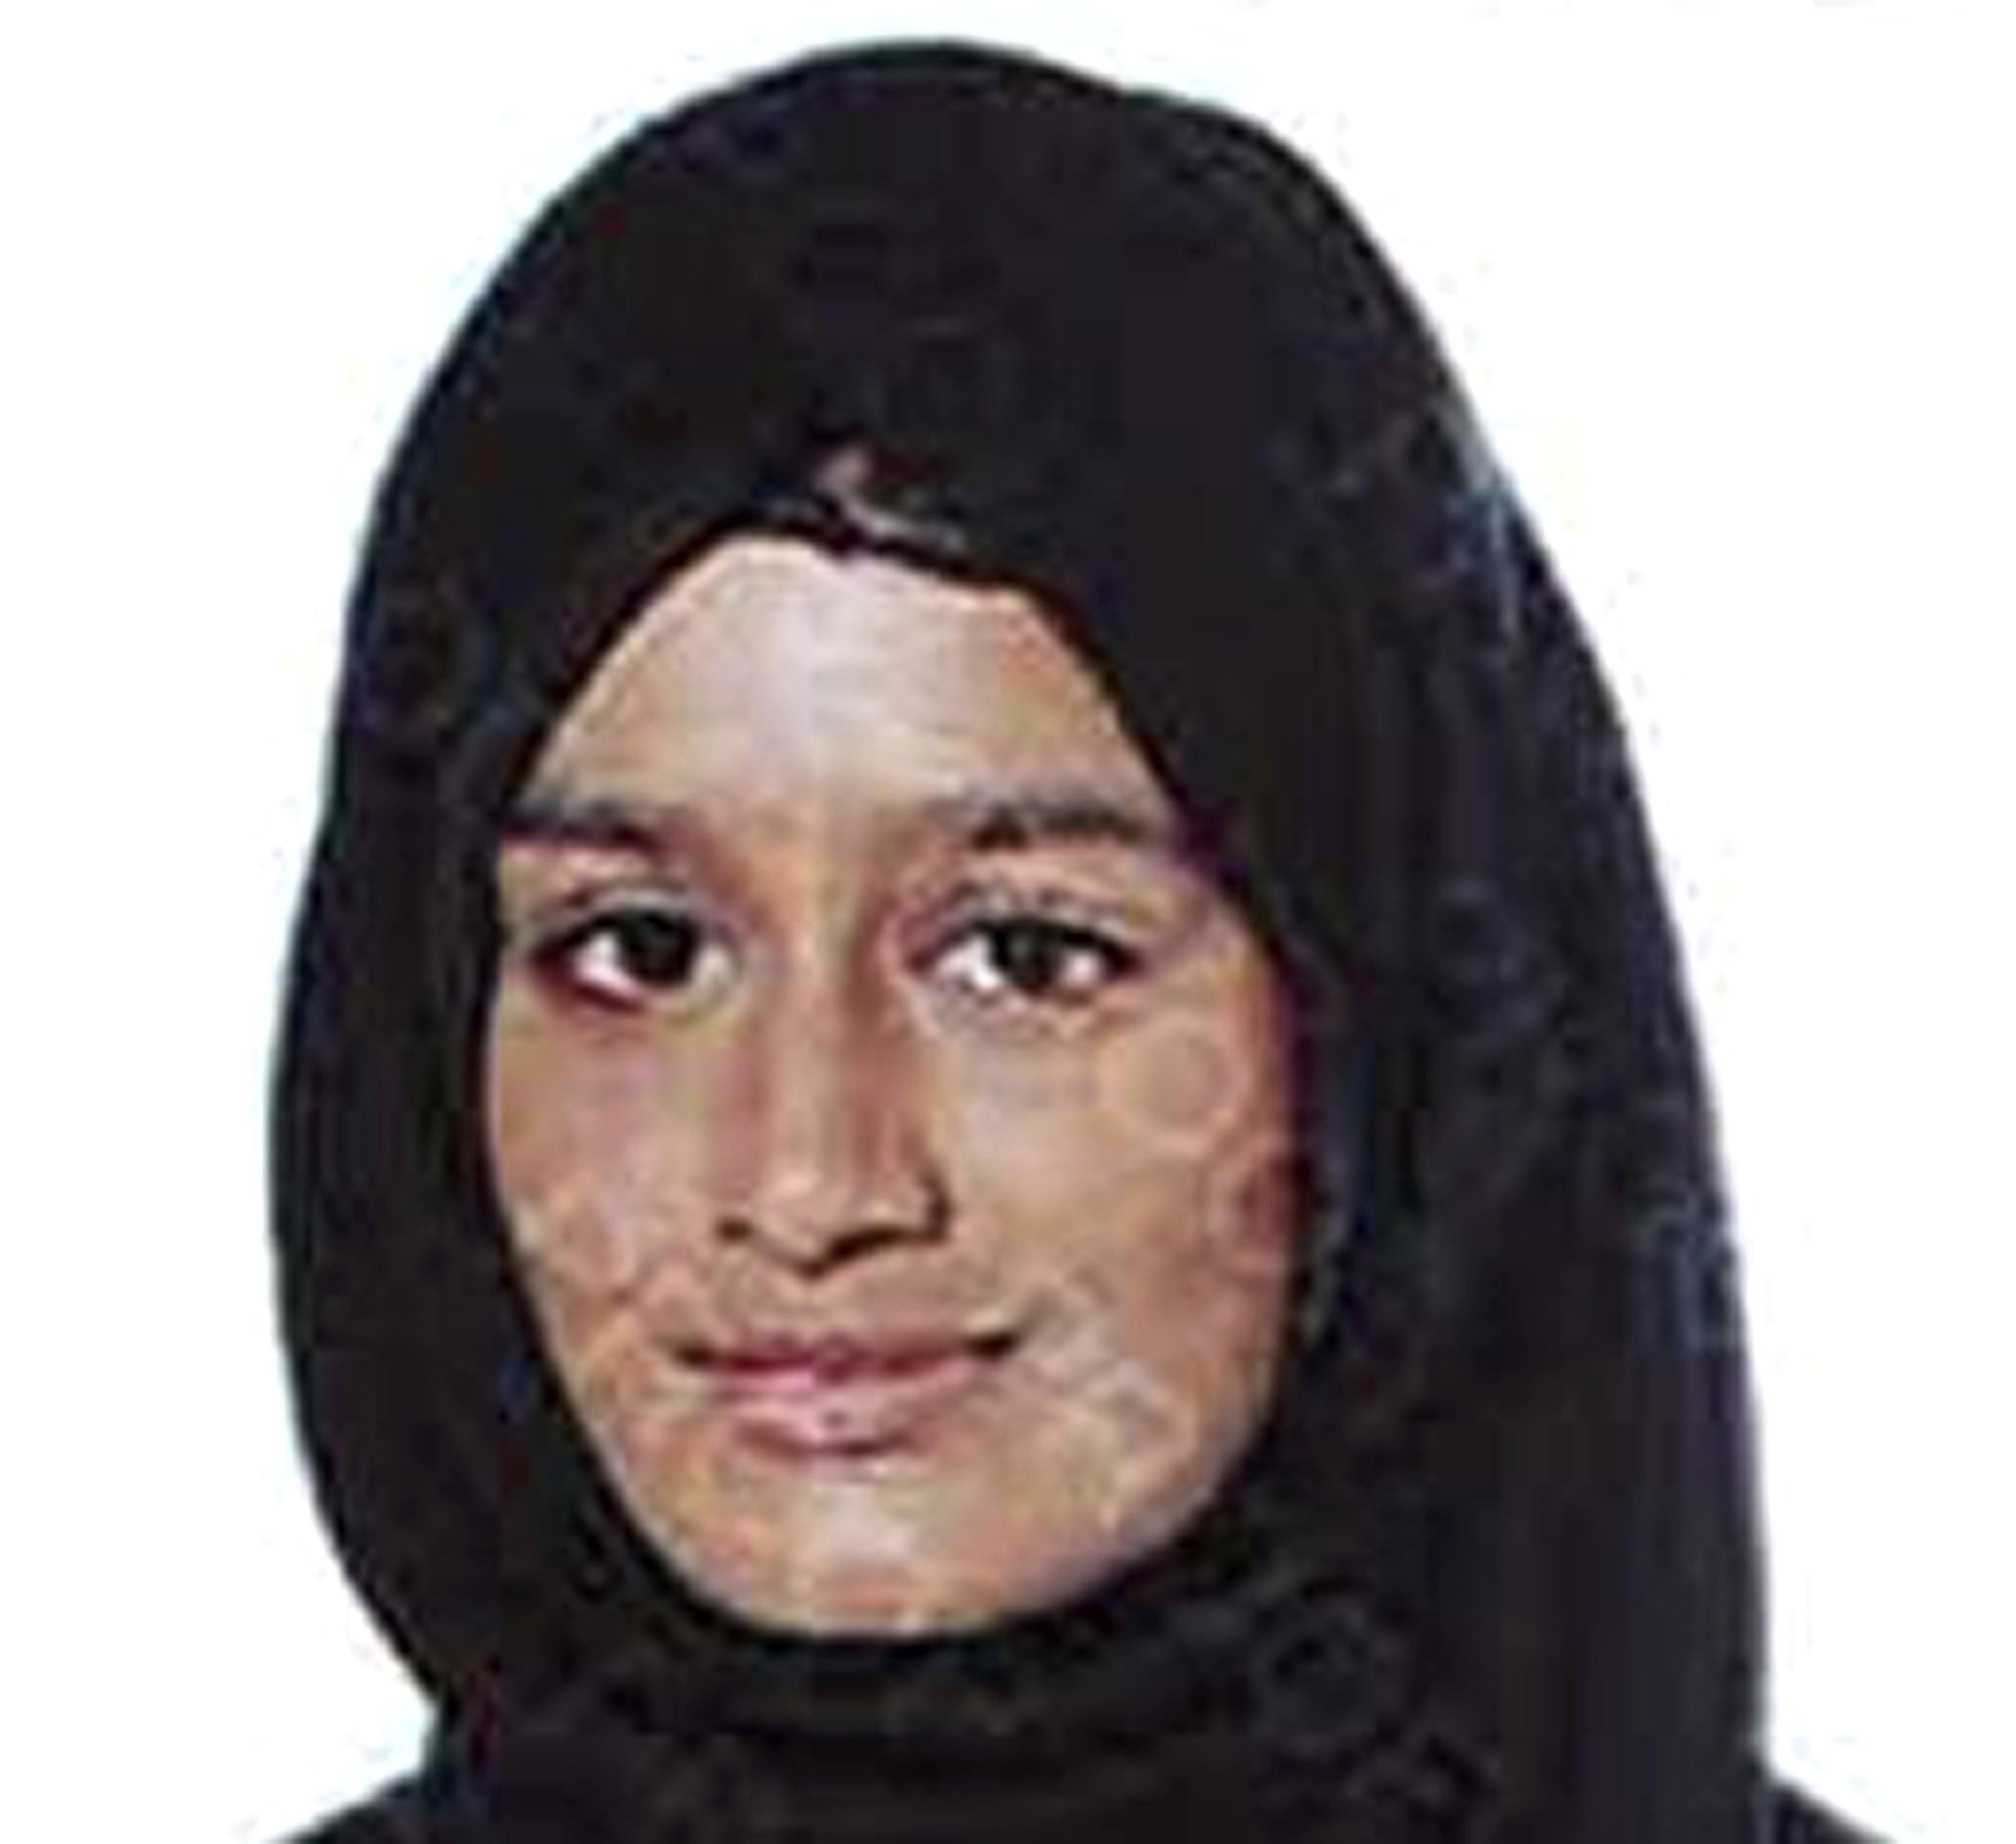 Πέθανε το παιδί της Σαμίμα Μπεγκούμ, που έχασε τη βρετανική υπηκοότητά της επειδή εντάχθηκε στο